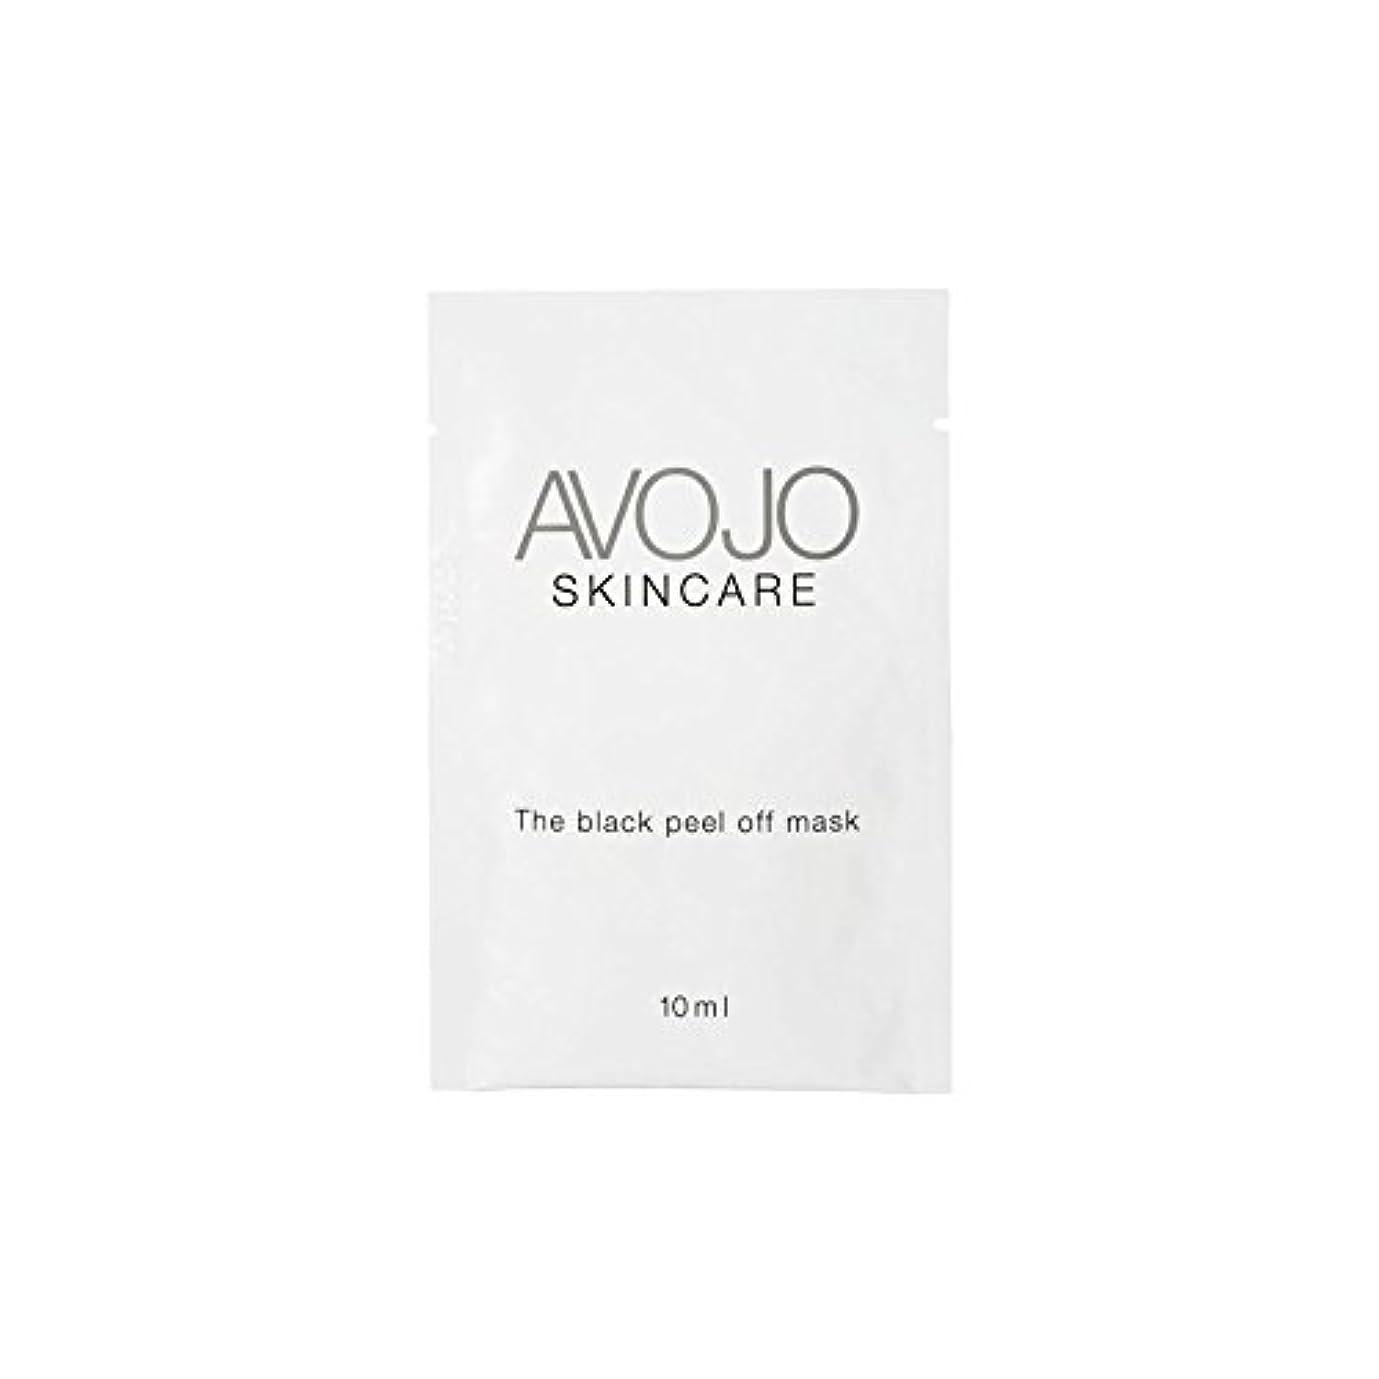 産地該当する符号- ブラックピールオフマスク - 小袋(10ミリリットル×4) x4 - Avojo - The Black Peel Off Mask - Sachet (10ml X 4) (Pack of 4) [並行輸入品]